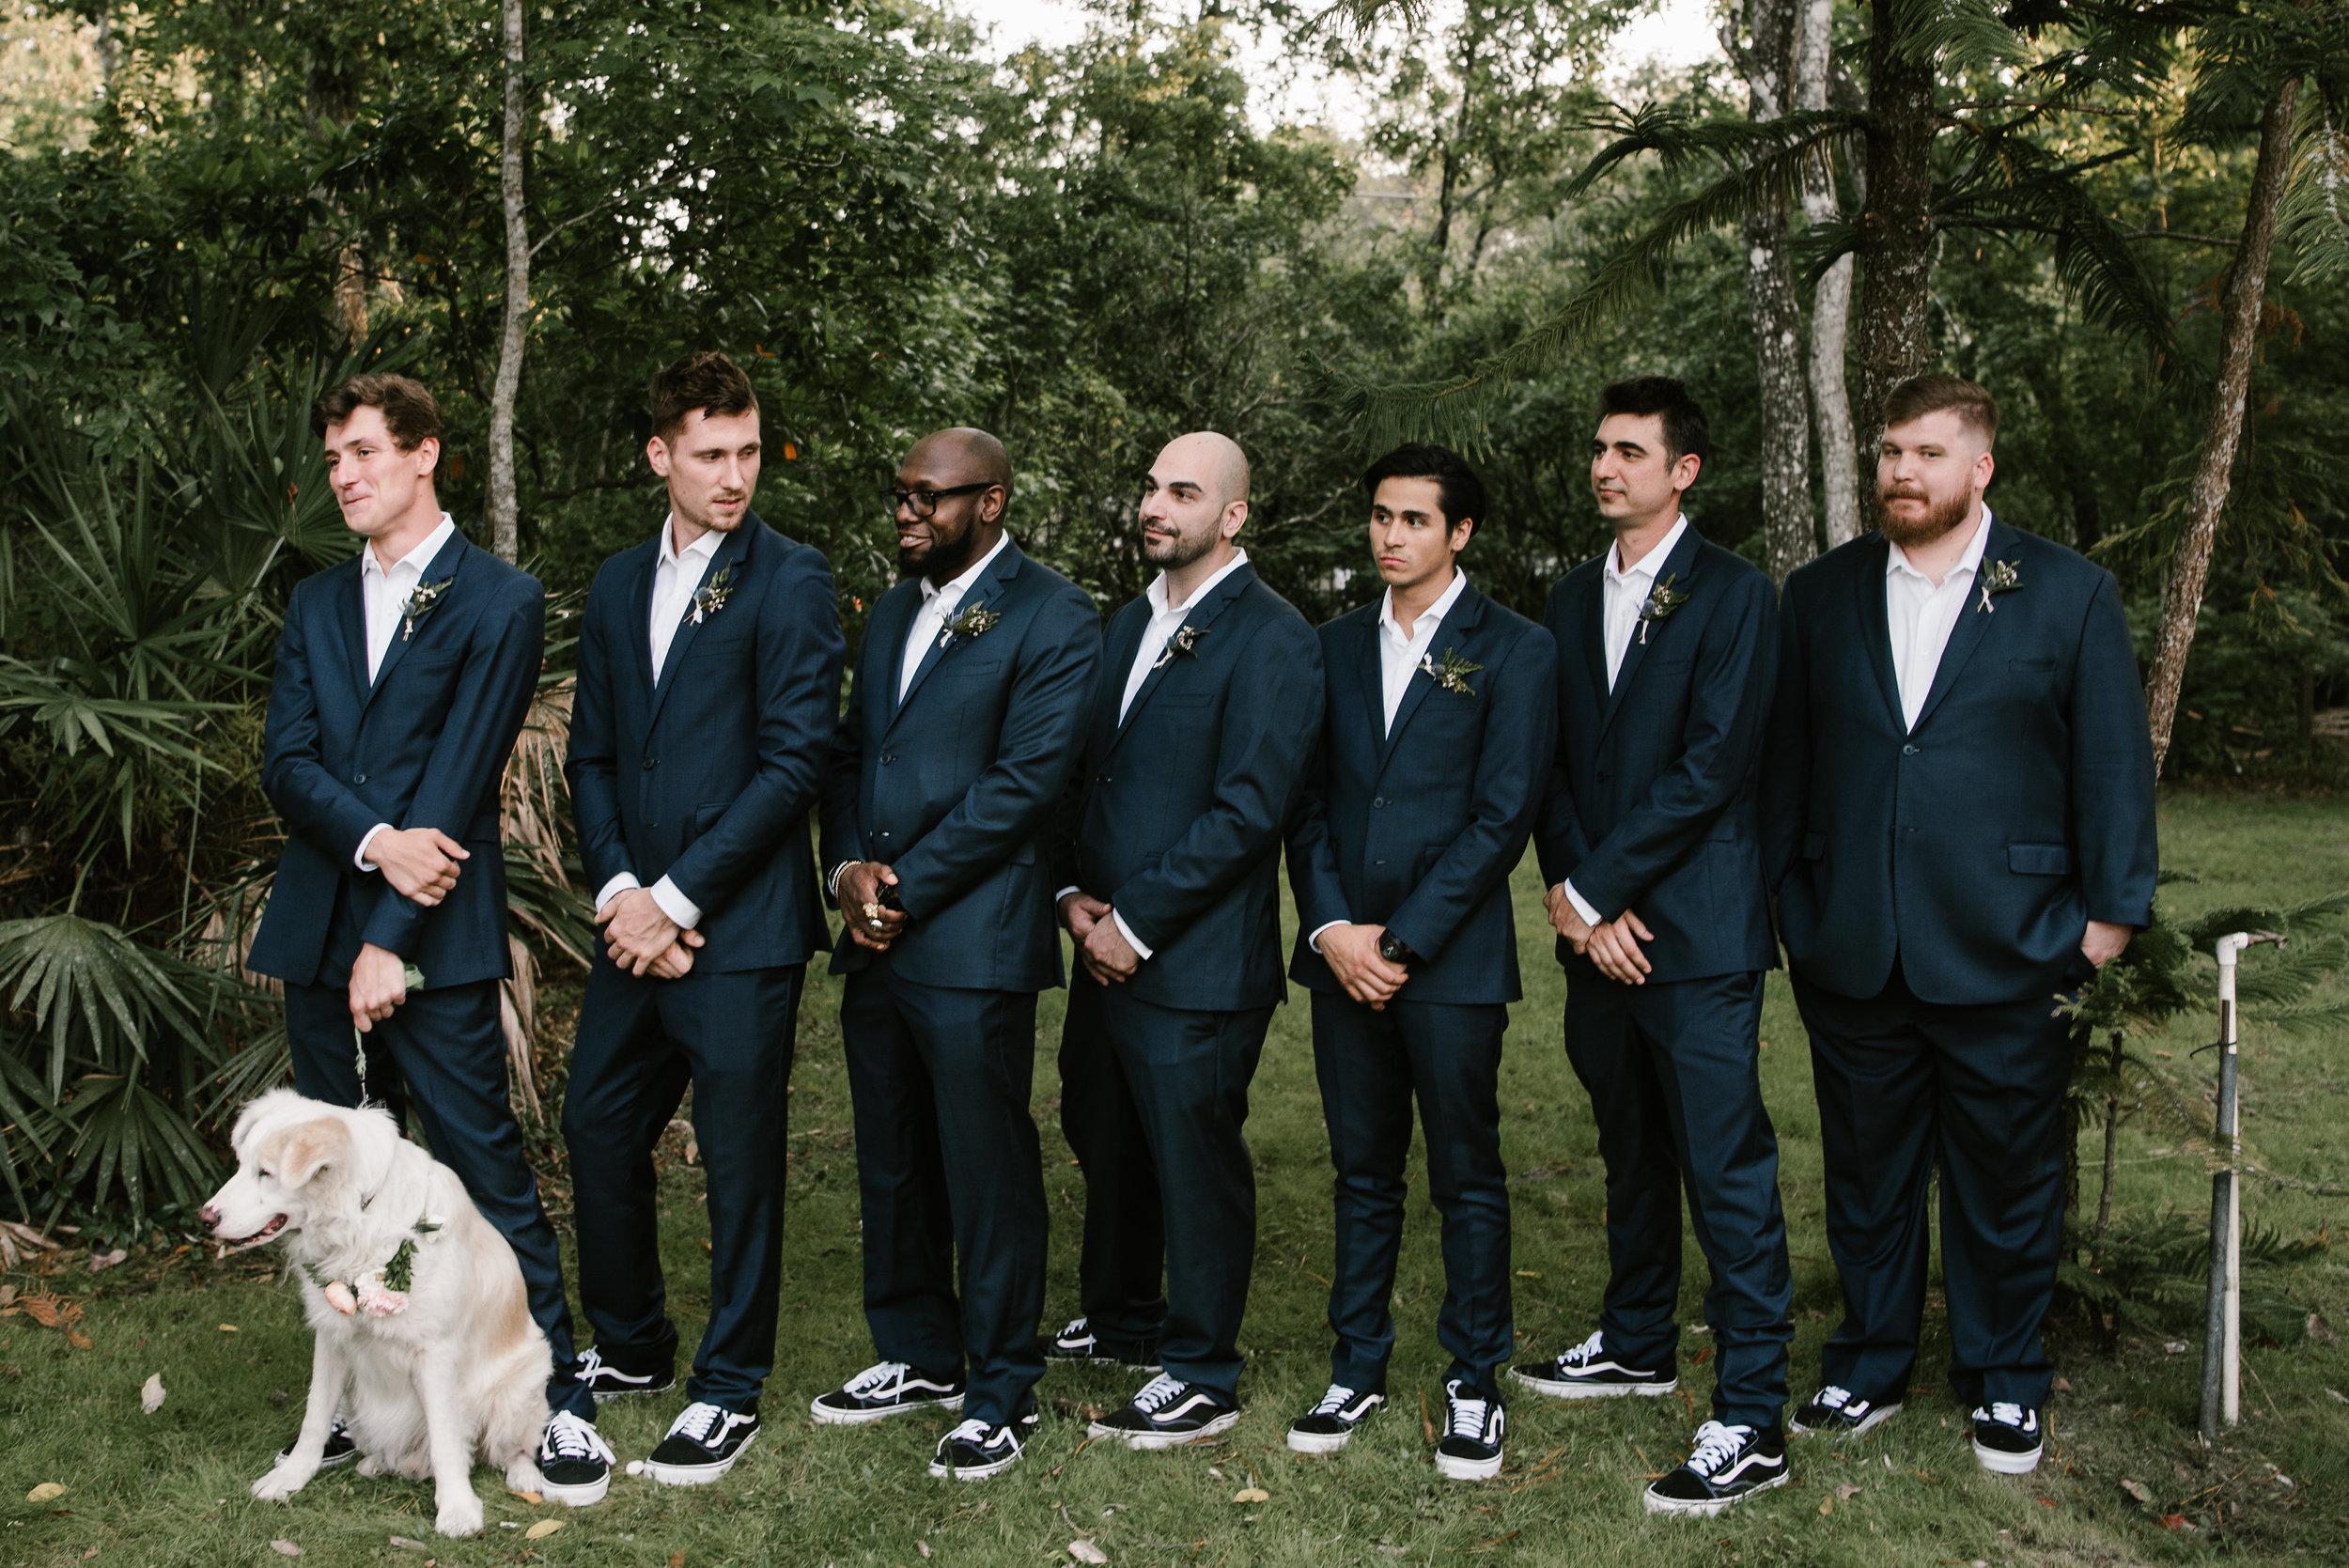 michelle-ronnie-backyard-wedding-475.jpg